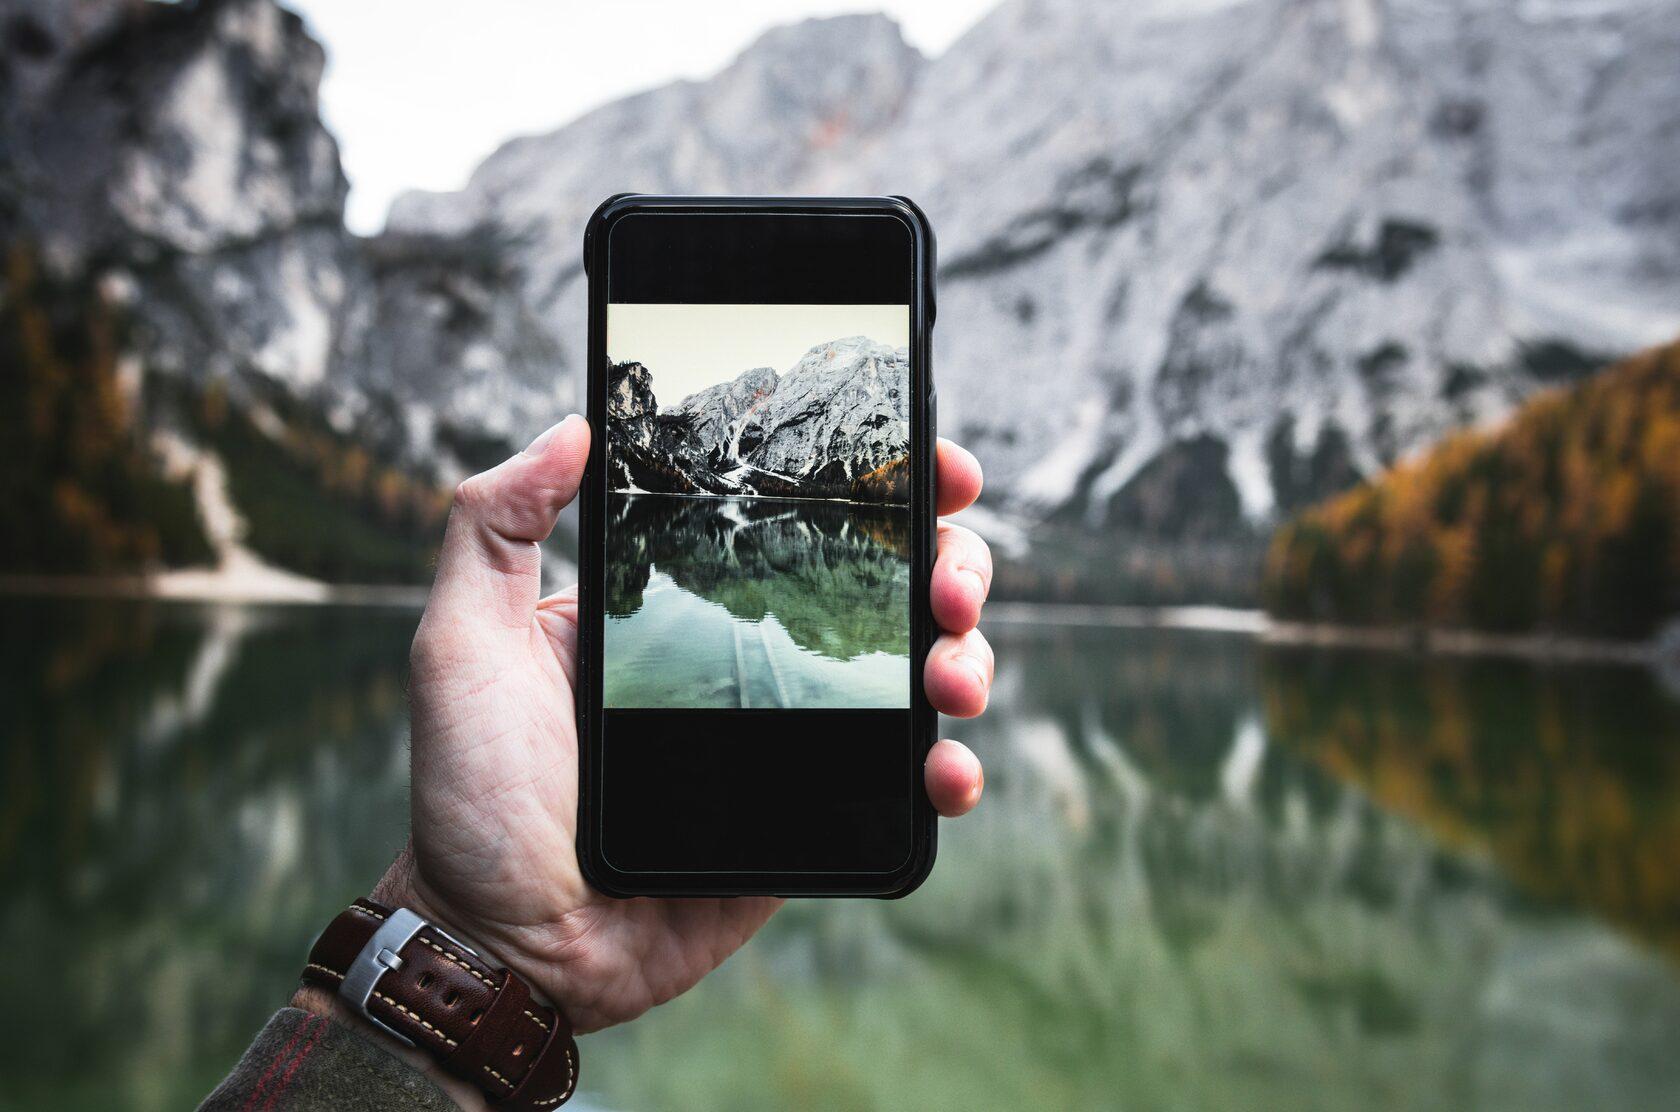 На курсах вам расскажут, как фотографировать на телефон красиво и правильно